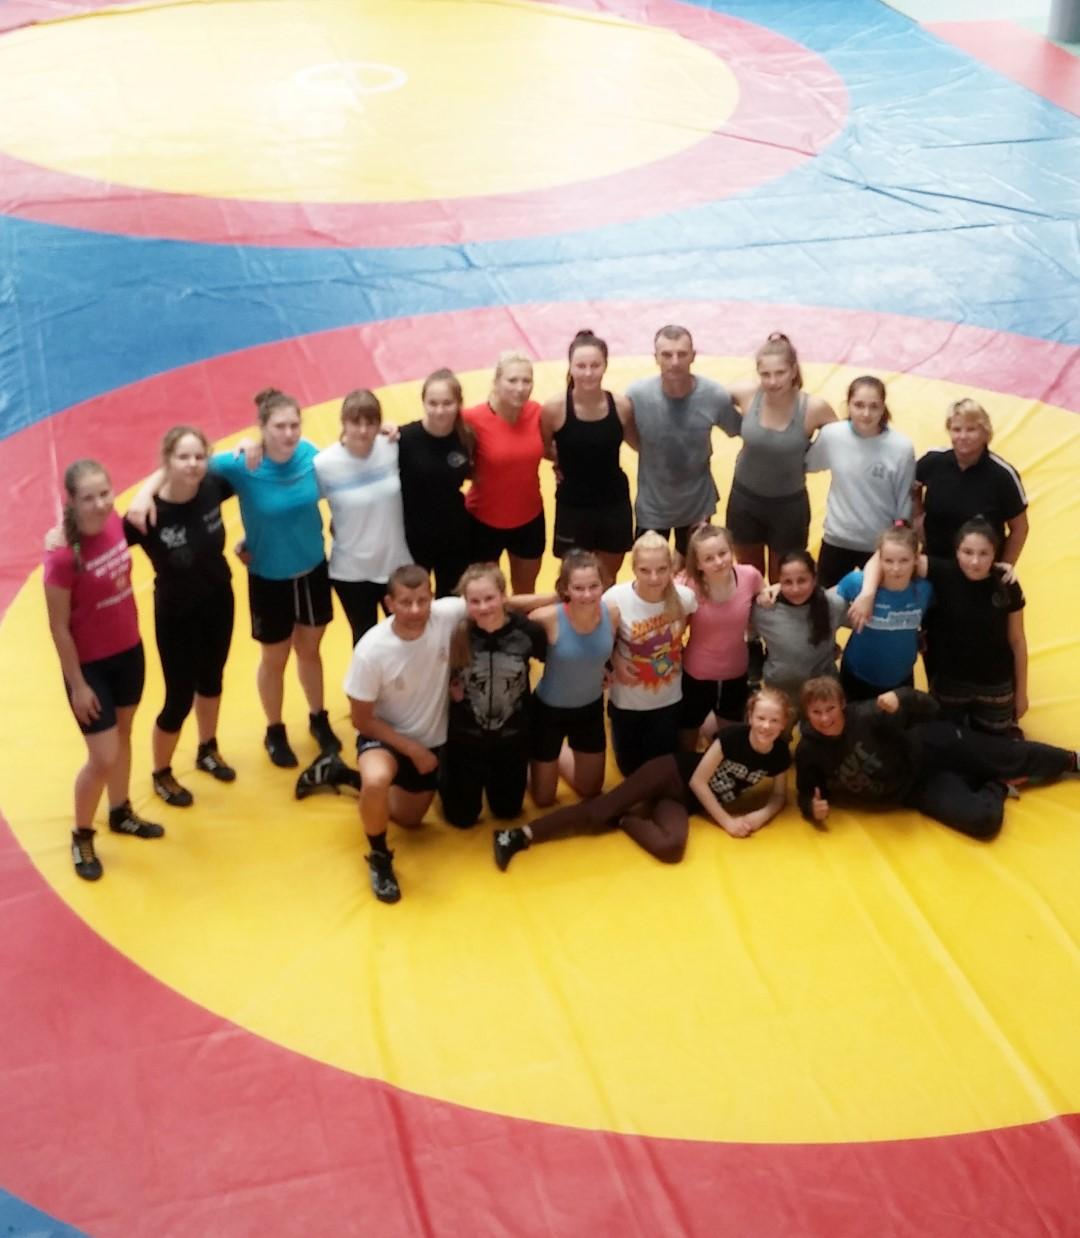 Imtynininkių keliai išsiskyrė – jaunės liko treniruotis namie, suaugusios išvyko į Ukrainą